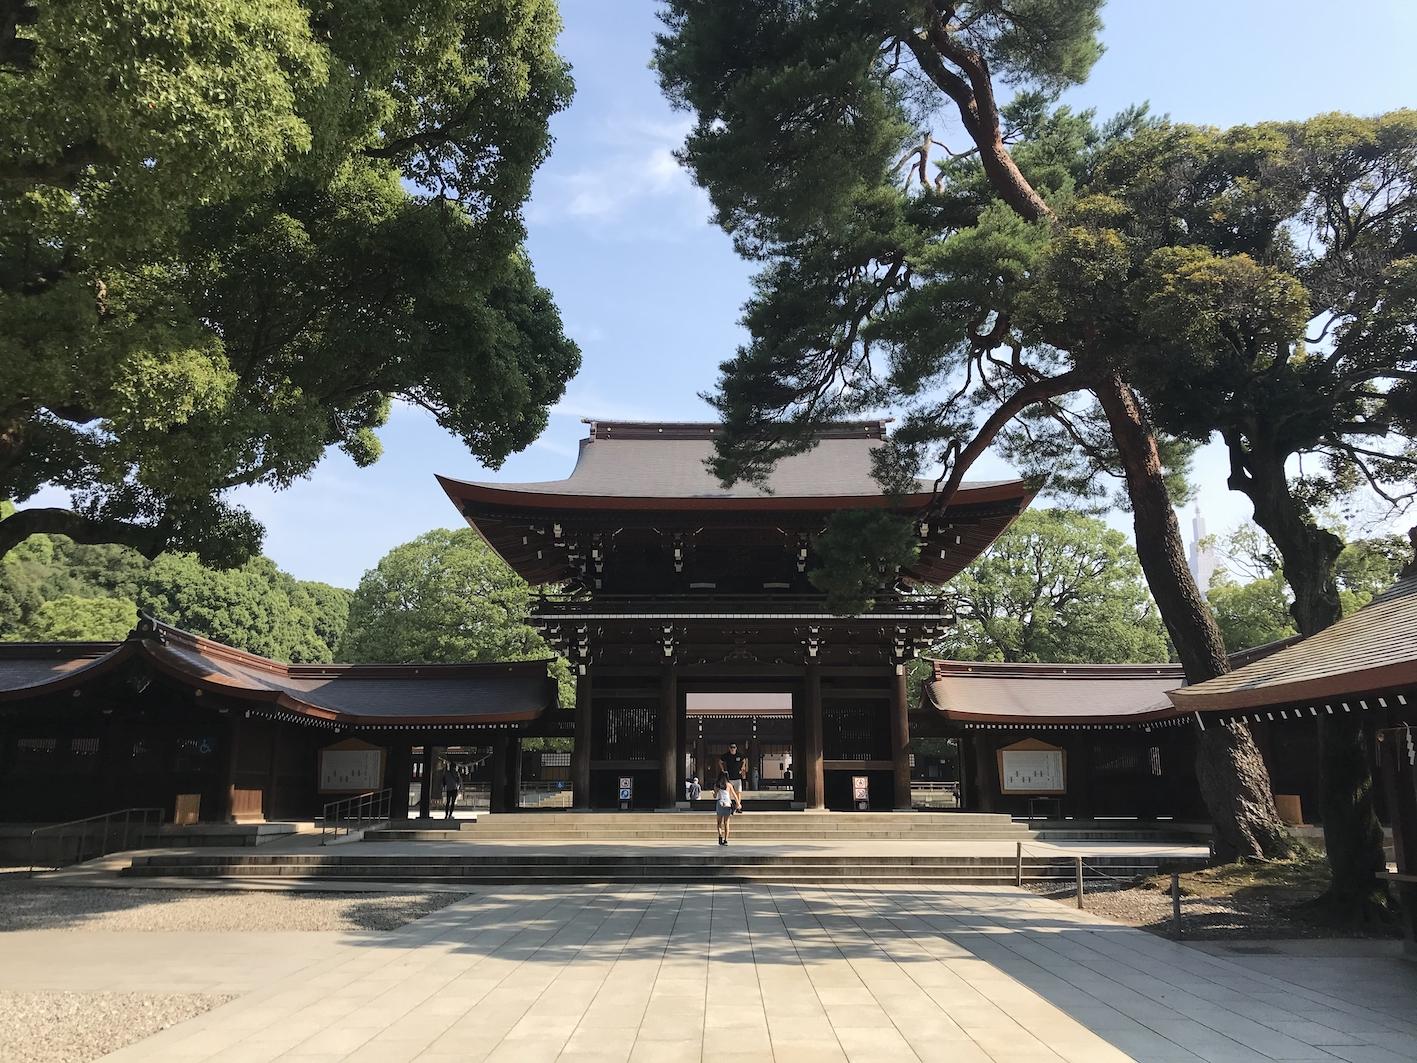 Tokyo: Meiji Jingū Shrine